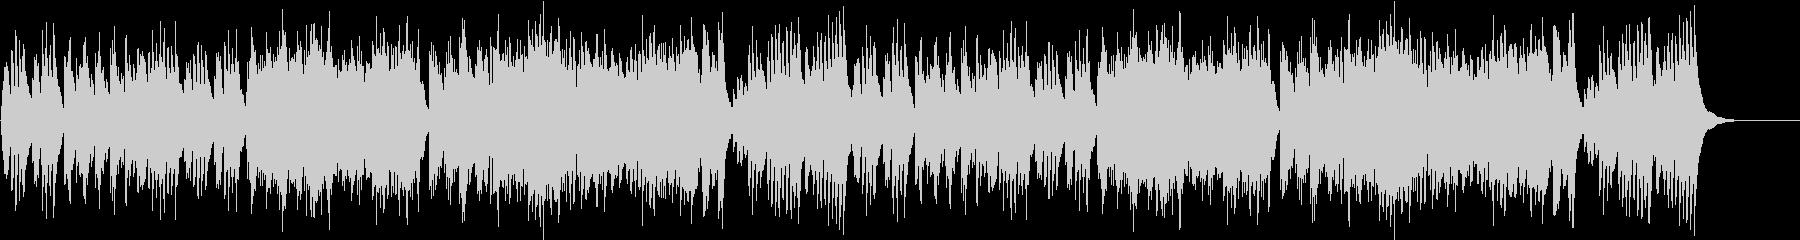 高級感クラシック ハープ協奏曲 の未再生の波形